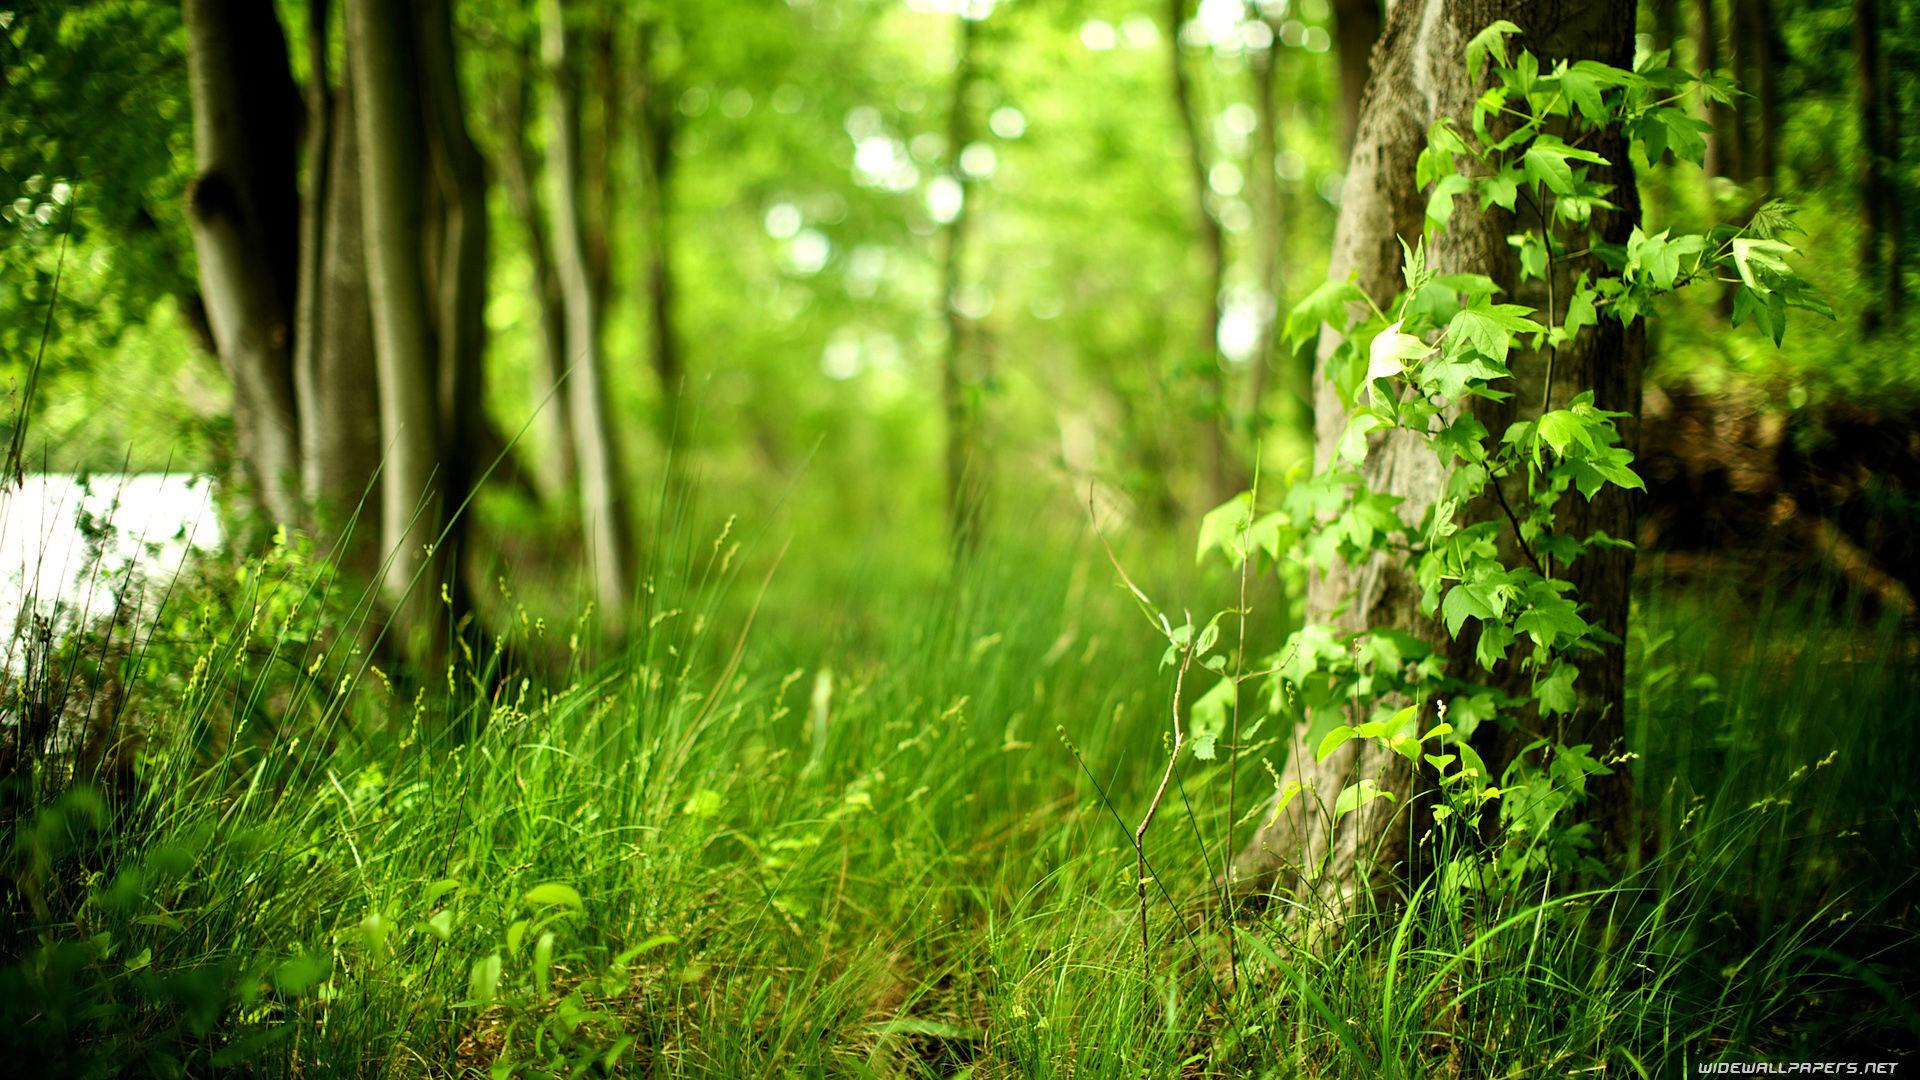 fond-ecran-nature-paysages-forets-199